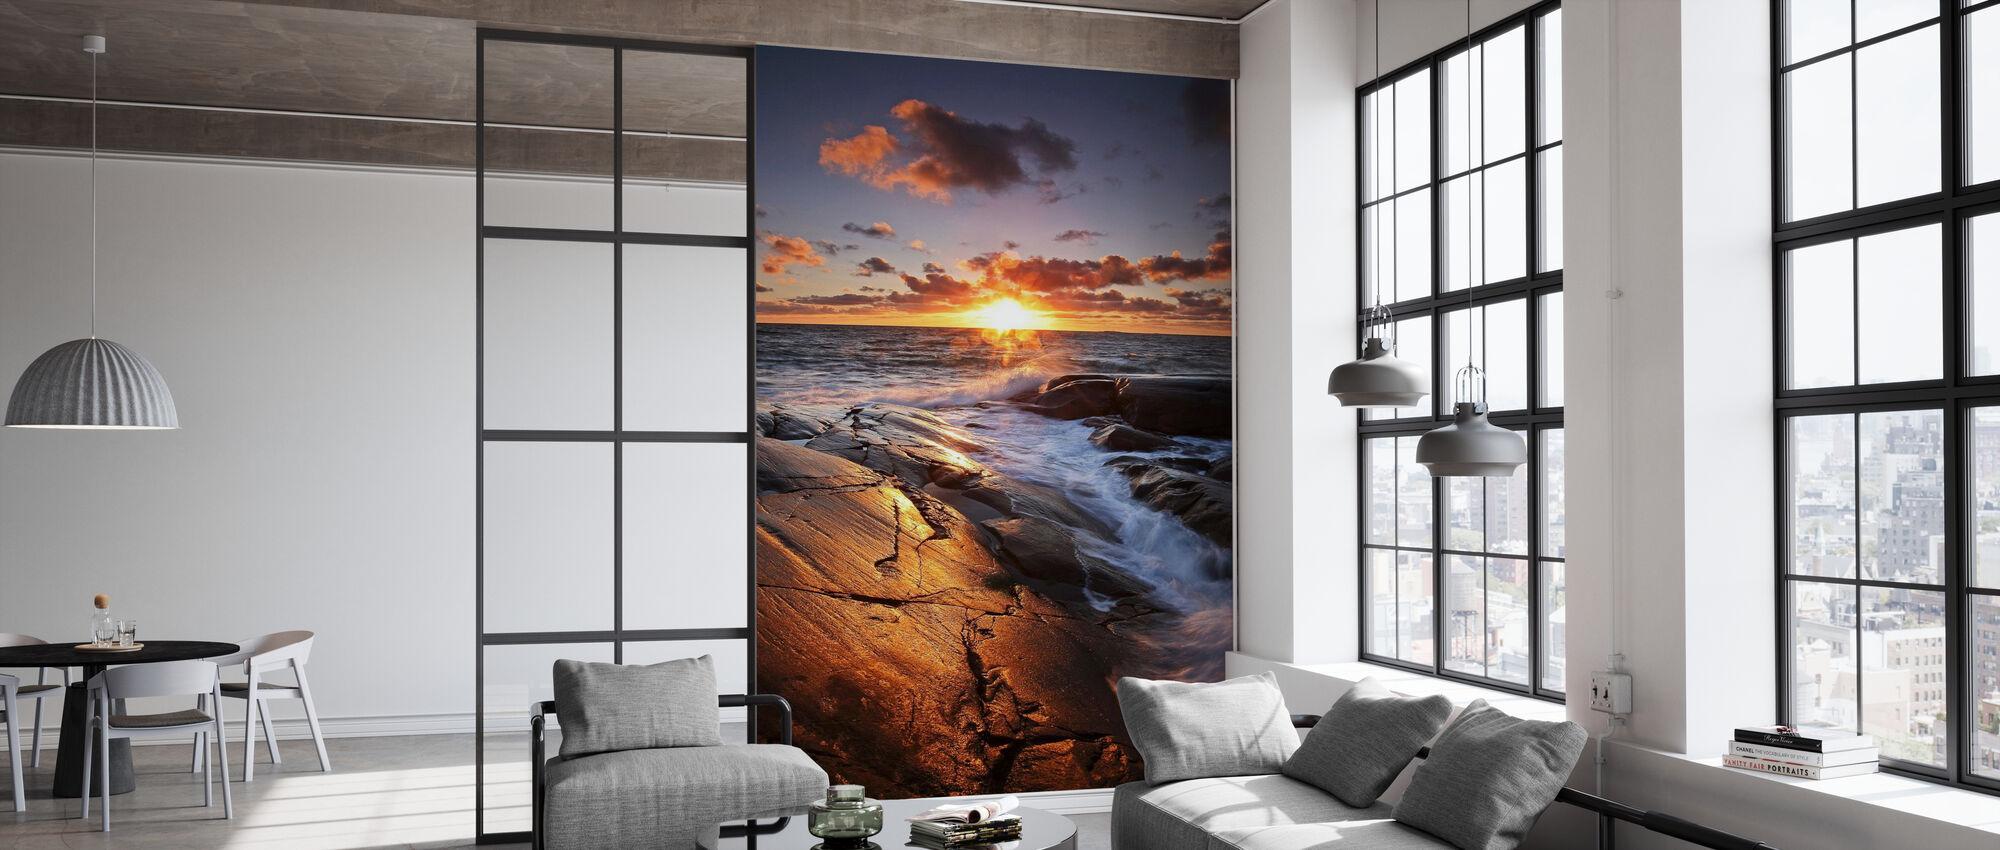 The Golden Rock - Wallpaper - Office